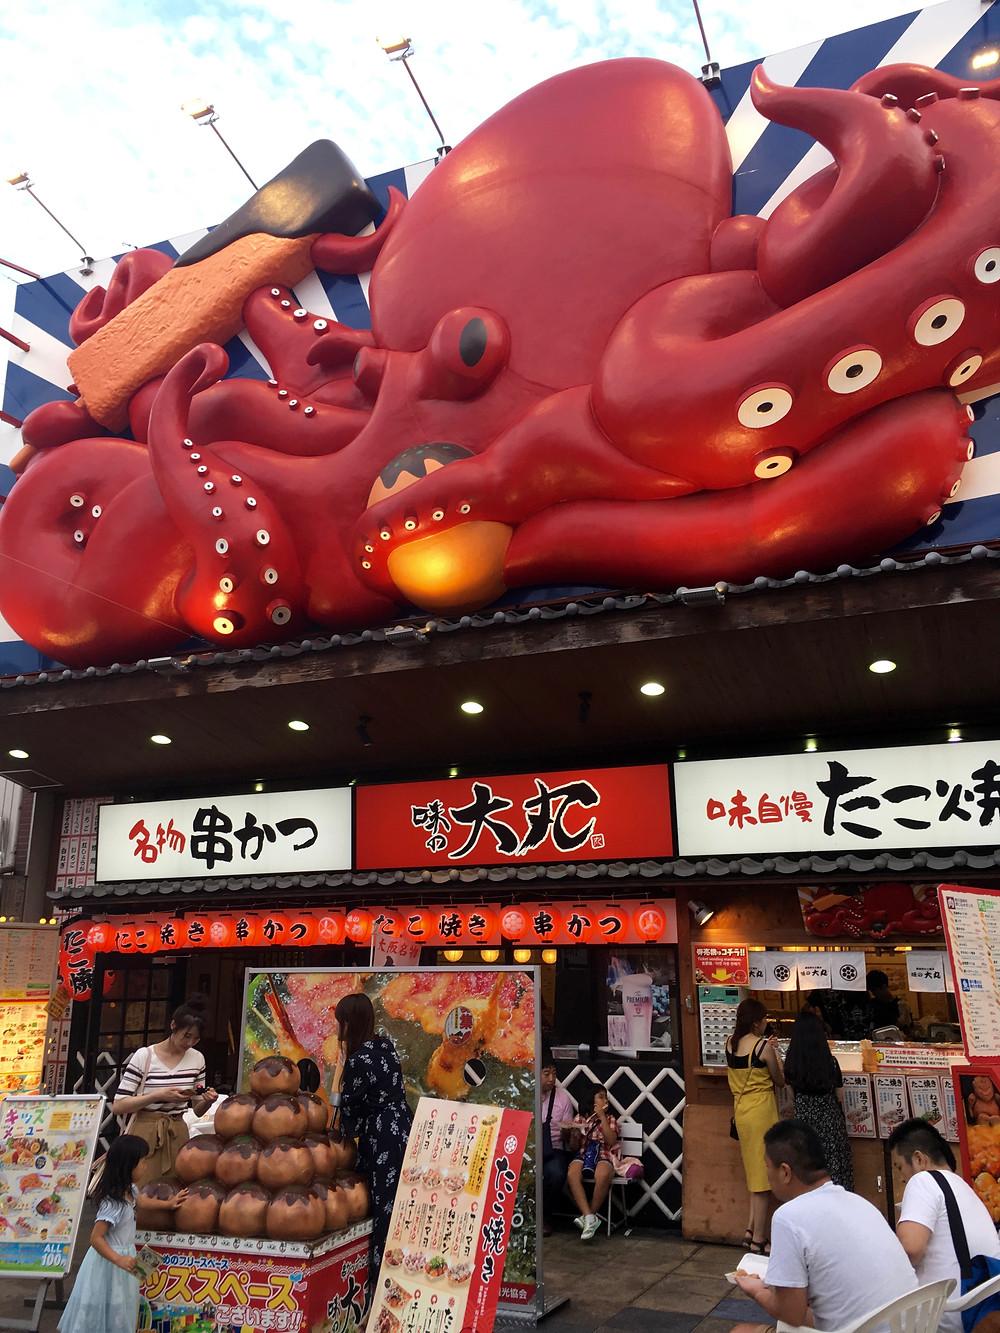 Restaurant in Shinsekai, Osaka Japan